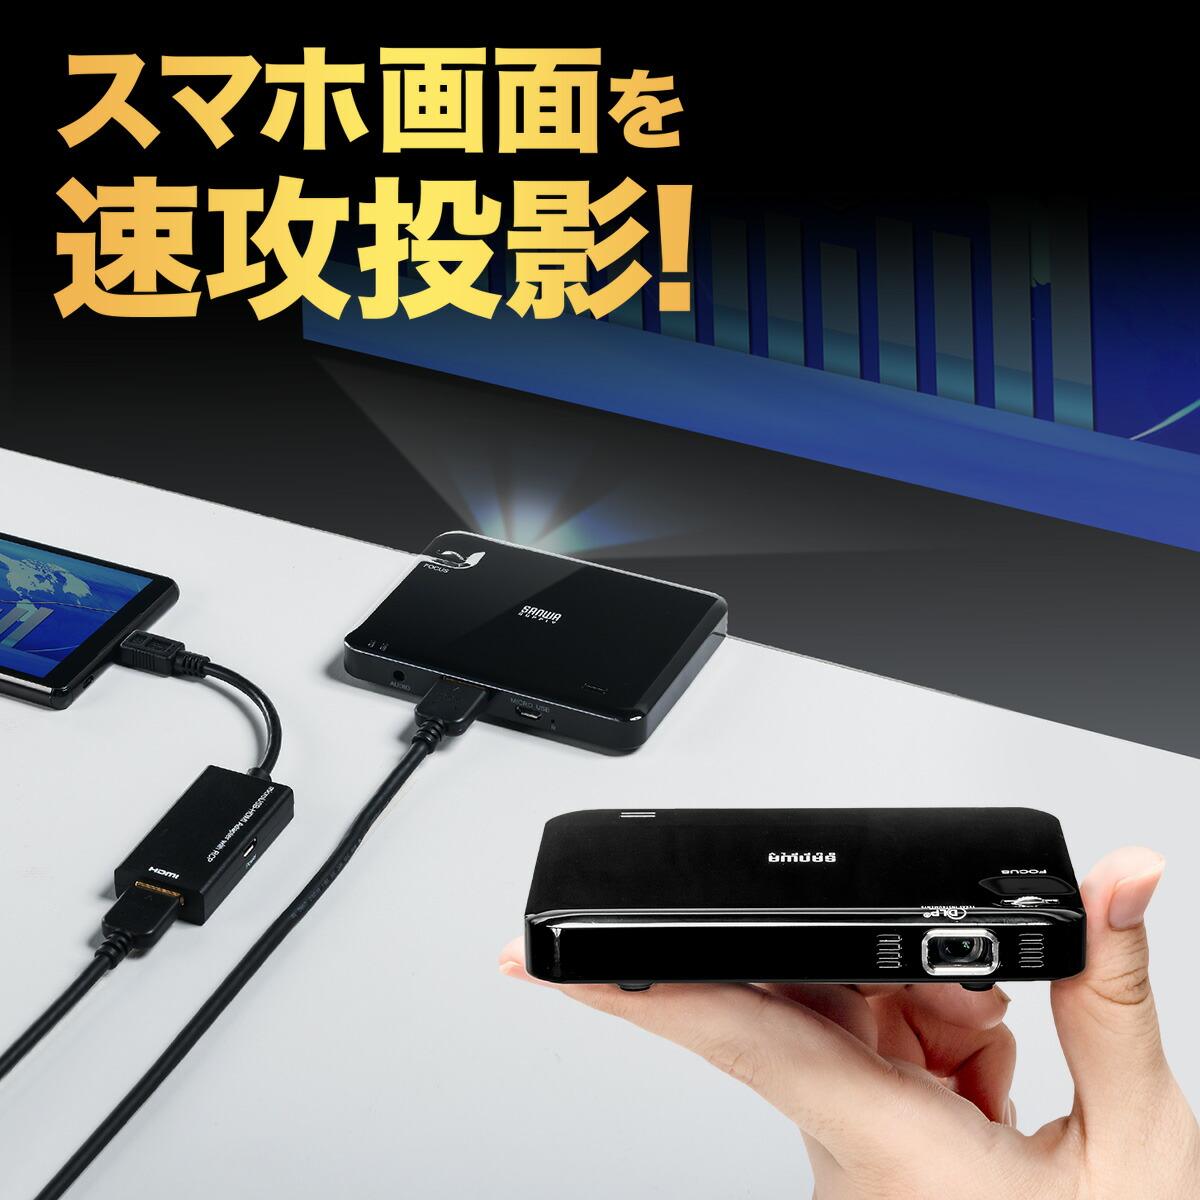 モバイルプロジェクター 小型 軽量 30ルーメン HDMI バッテリー内蔵 スピーカー内蔵 手のひらサイズ ファンレス 三脚対応